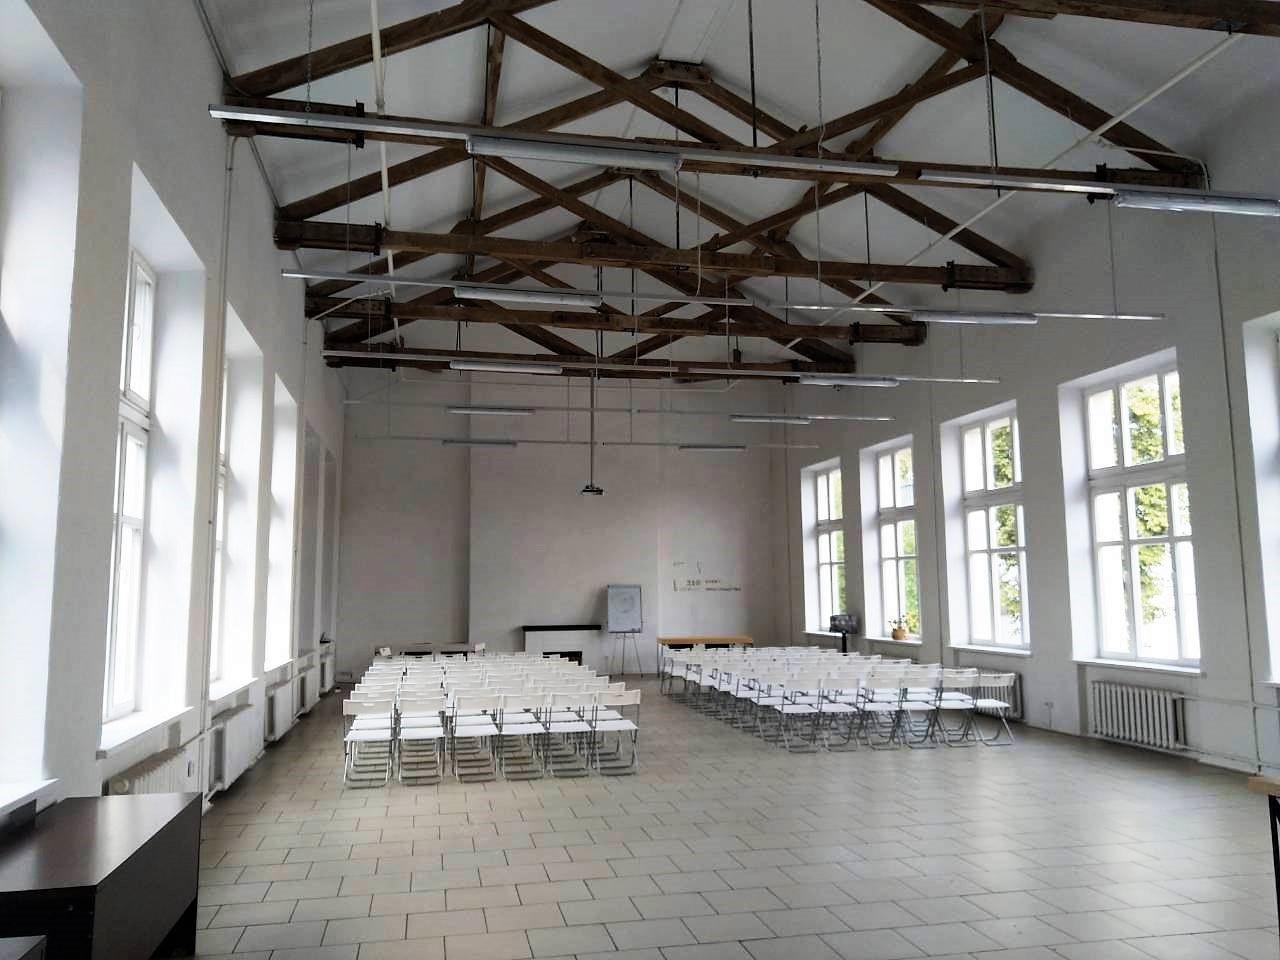 210 метров - печная Конференция Минск. ЗИМА 2019